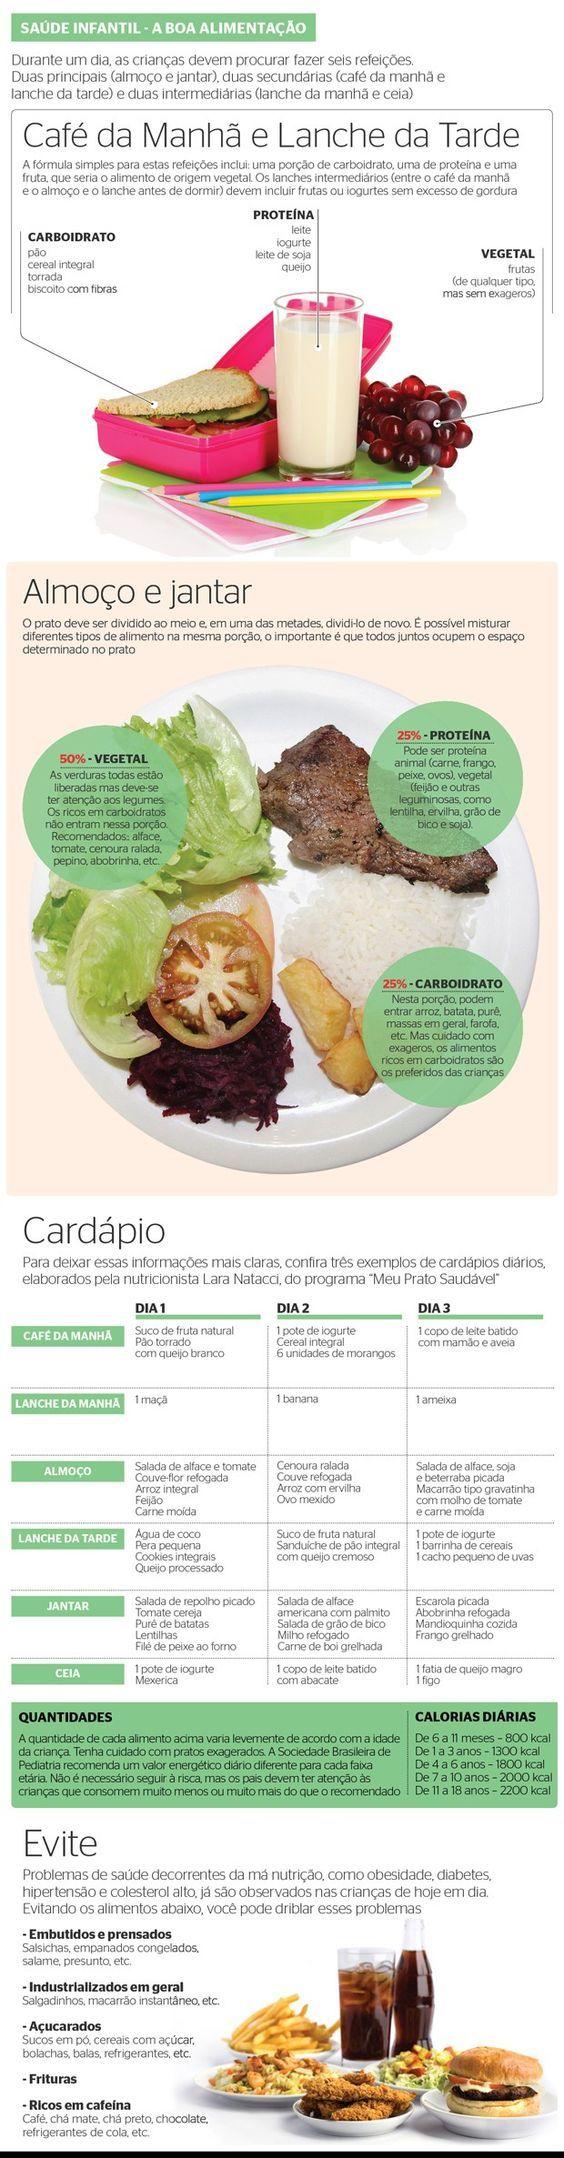 Como preparar refeições e pensar com carinho na alimentação das crianças - http://revistaepoca.globo.com//Saude-e-bem-estar/noticia/2013/05/como-preparar-refeicoes-e-pensar-com-carinho-na-alimentacao-das-criancas.html (Gráfico: Natália Durães e Marco Vergotti):